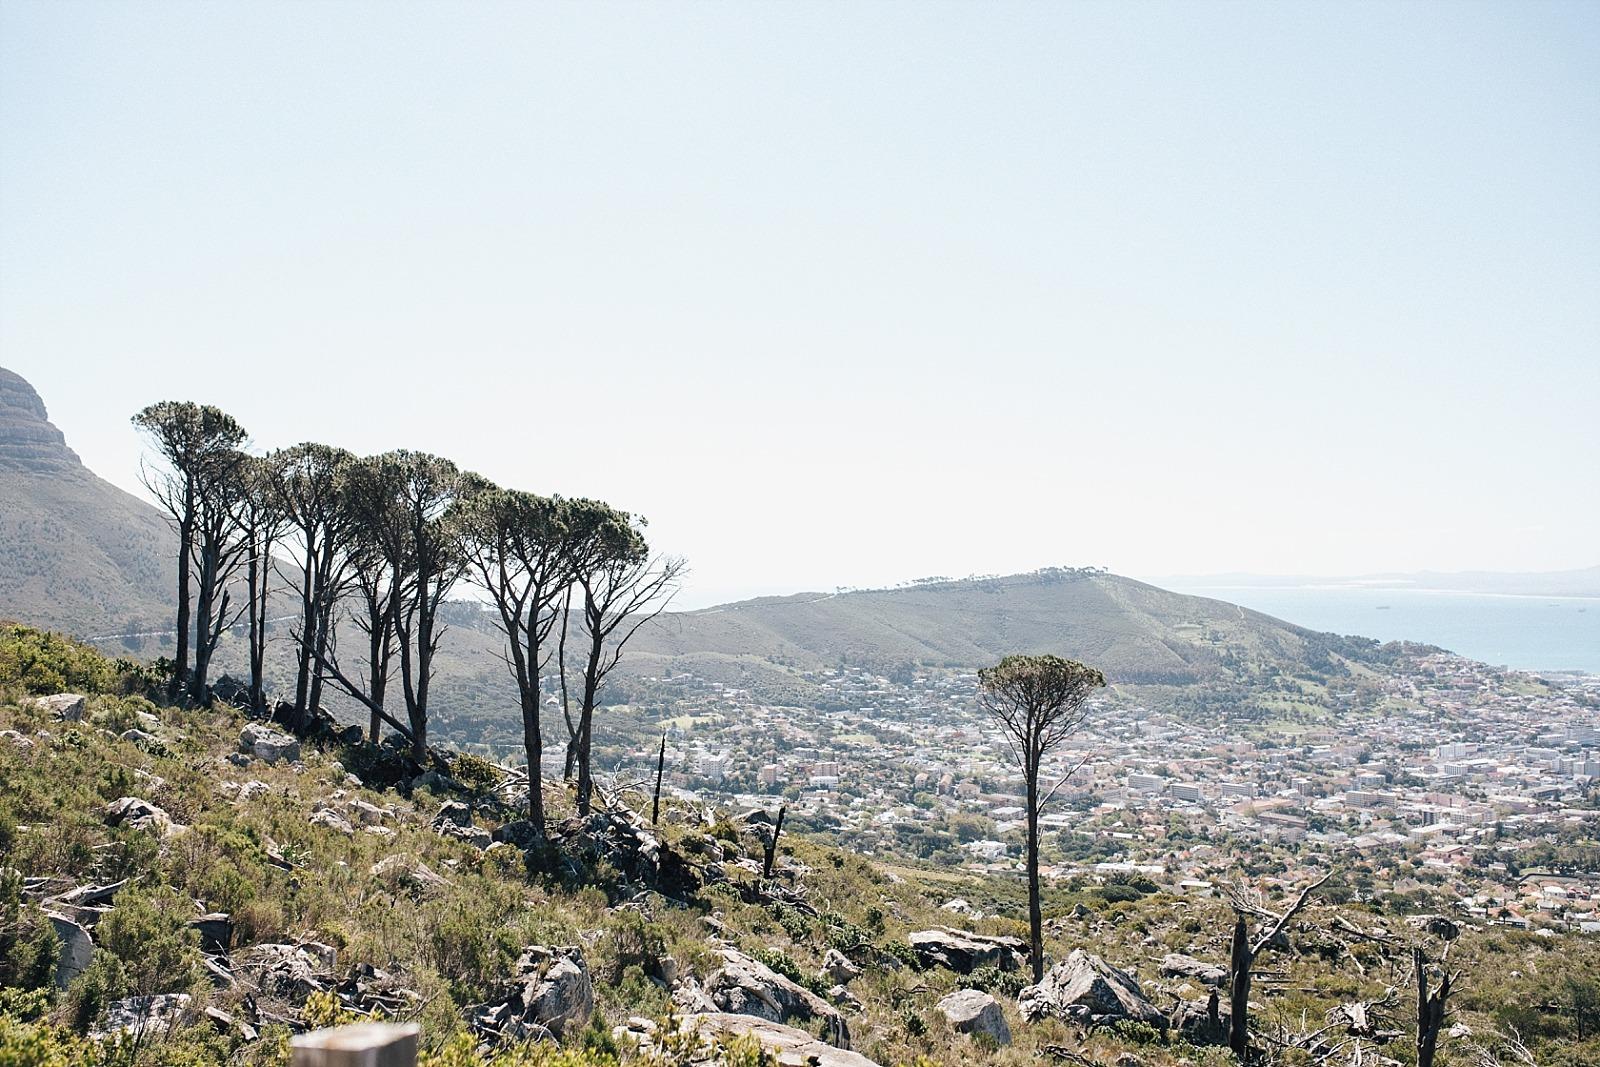 Cape Town afrique du sud Signal hill